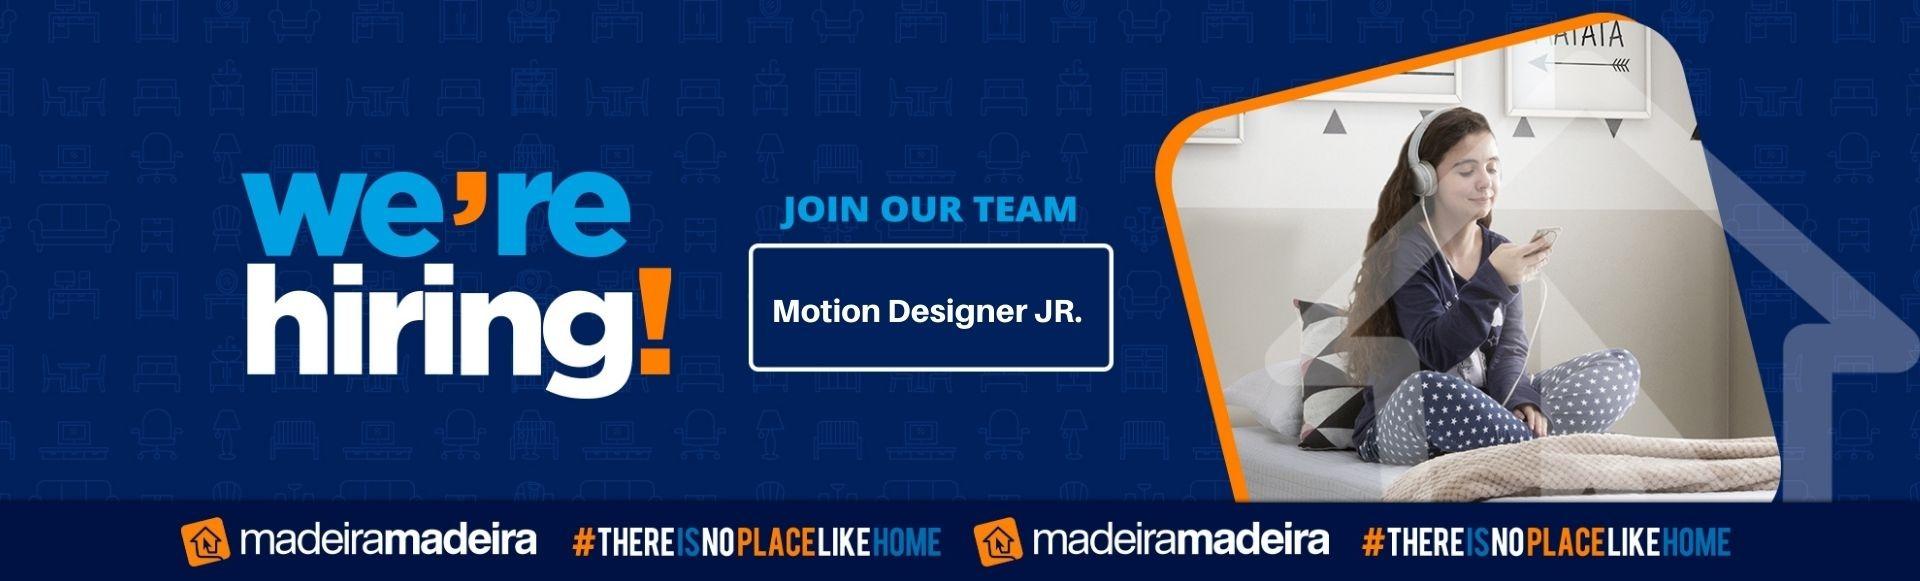 Motion Designer JR